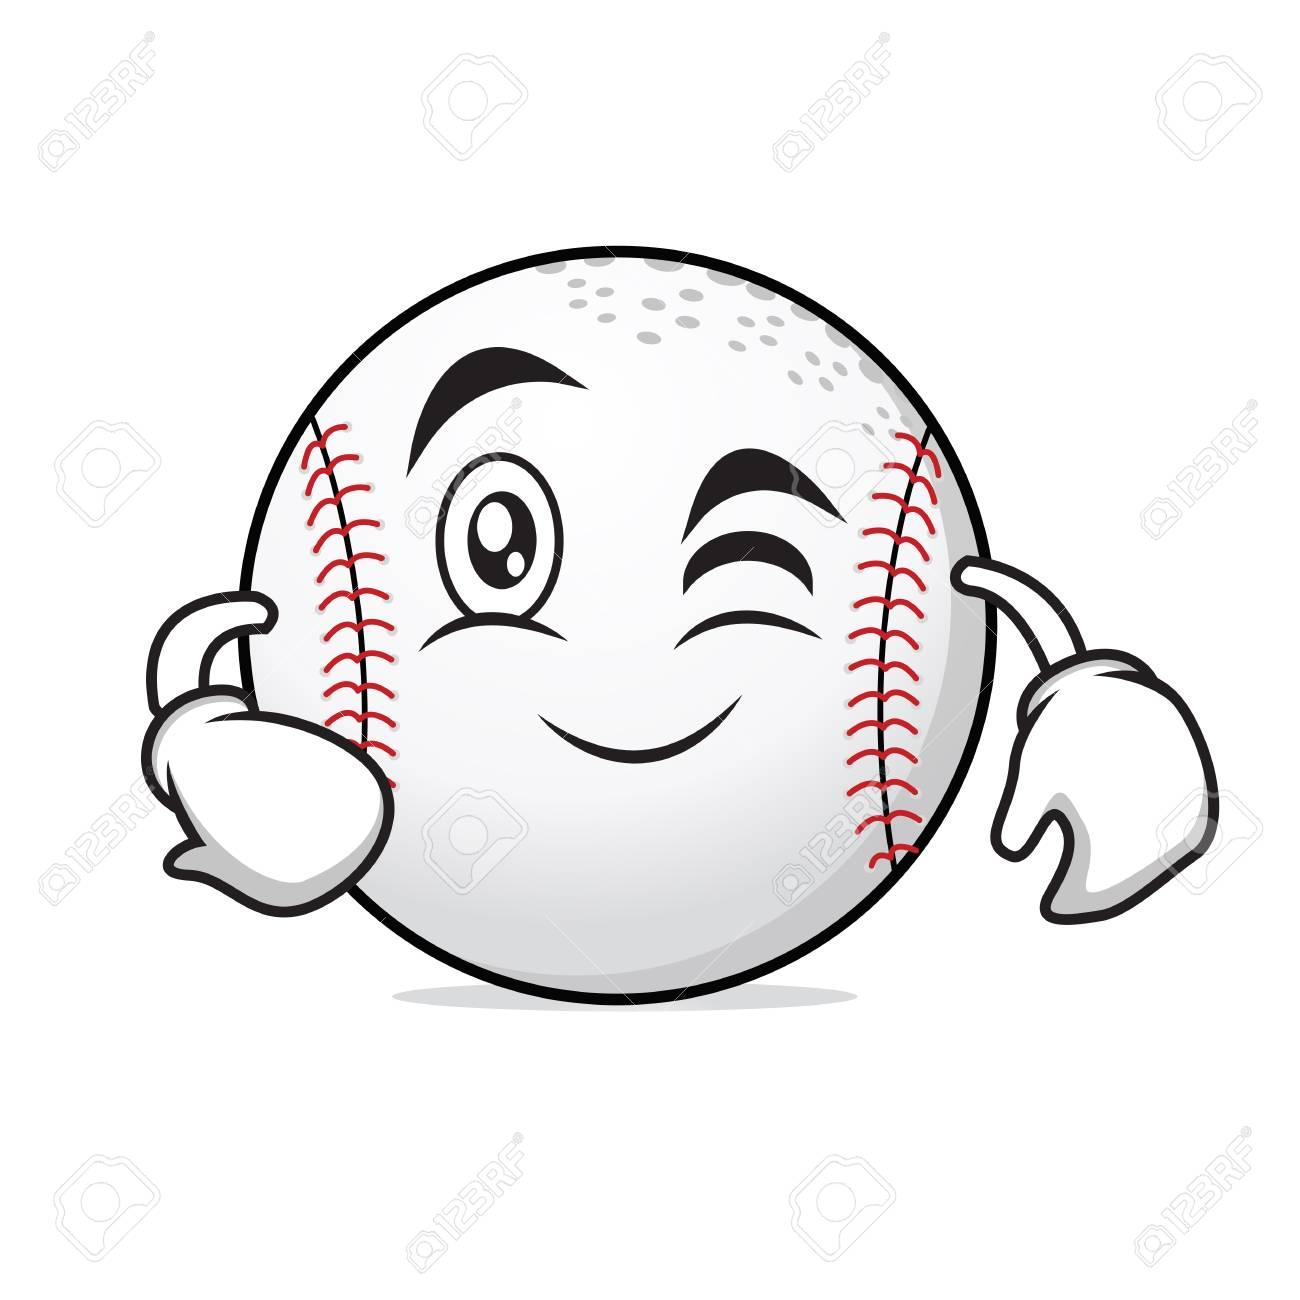 Personnage De Dessin Anime De Baseball Visage Clin D Oeil Clip Art Libres De Droits Vecteurs Et Illustration Image 80317008